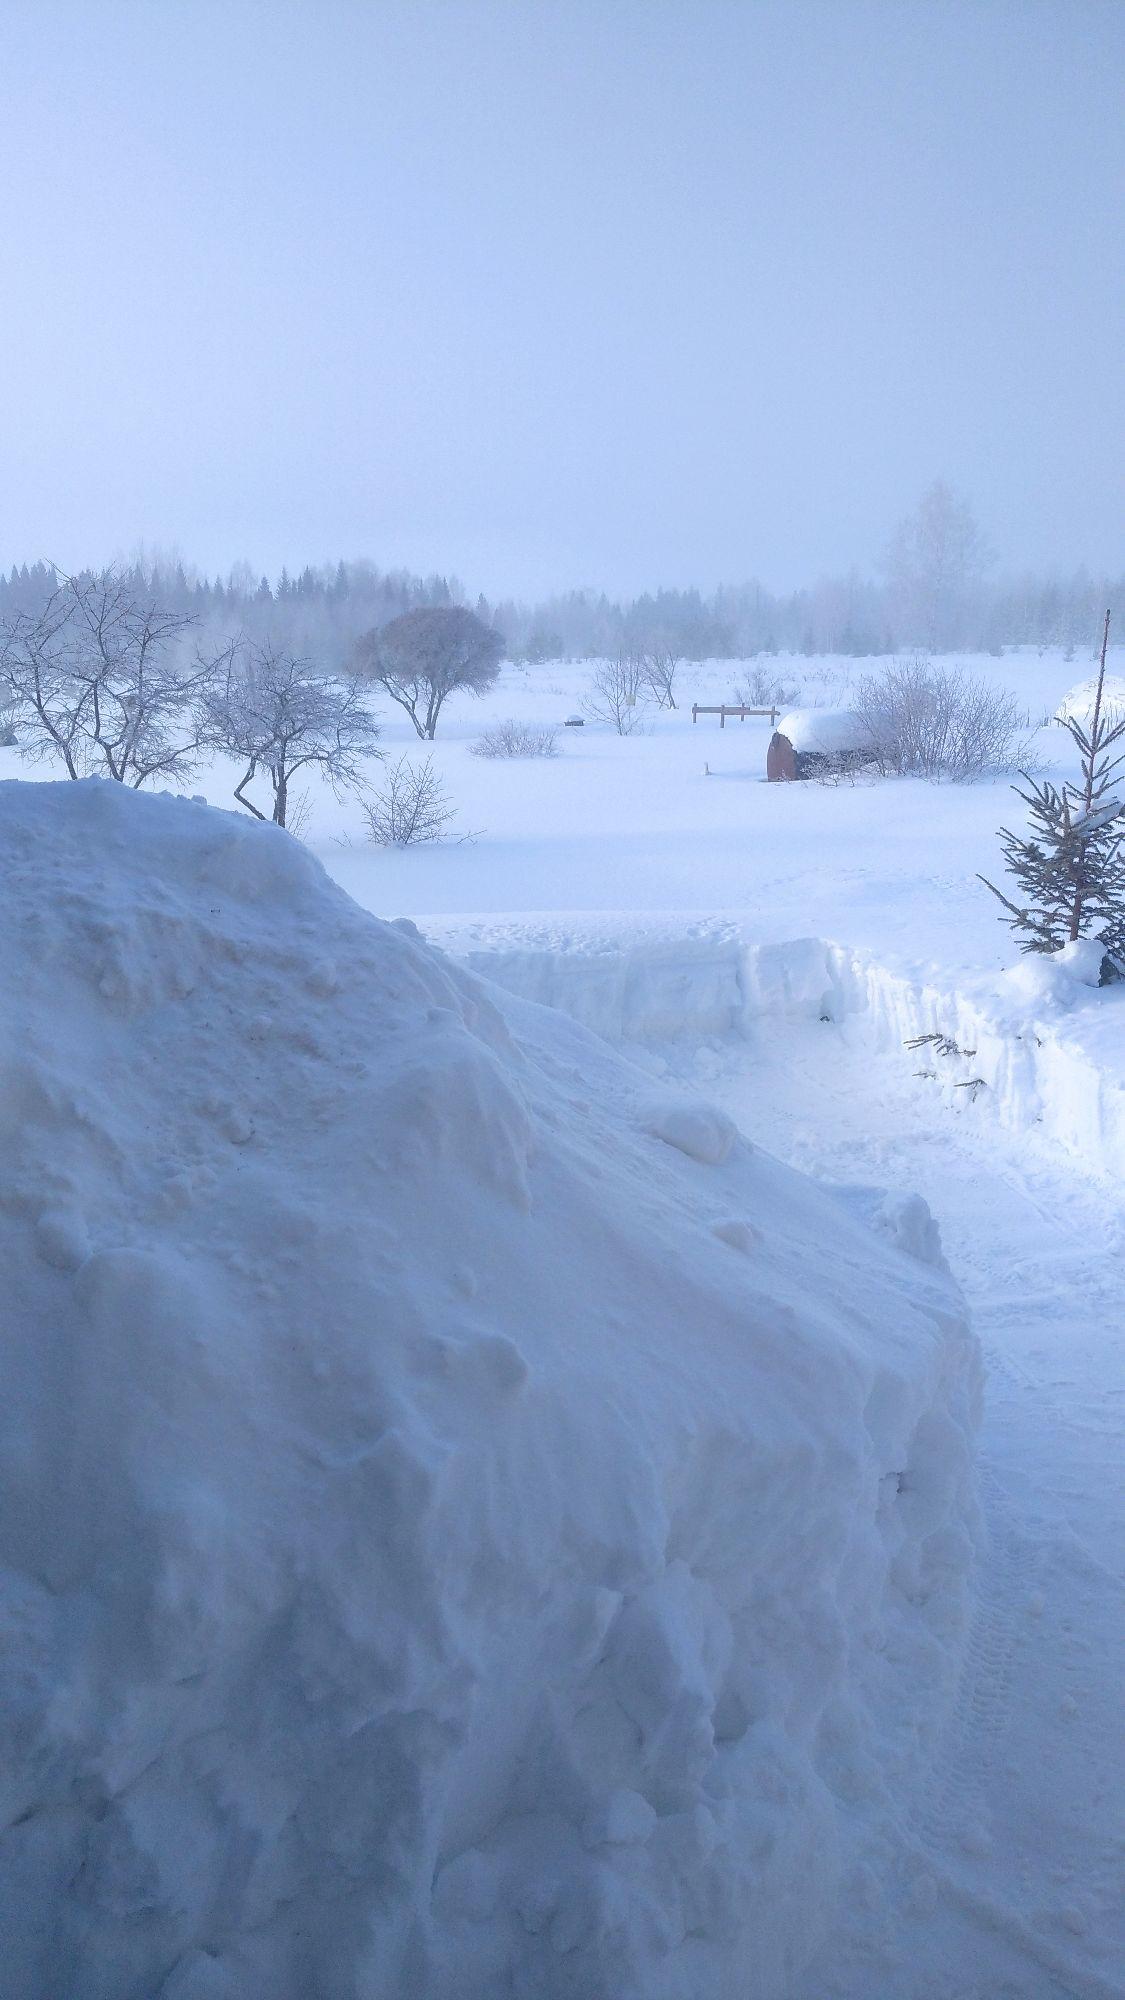 Не припомню, чтобы было столько снега